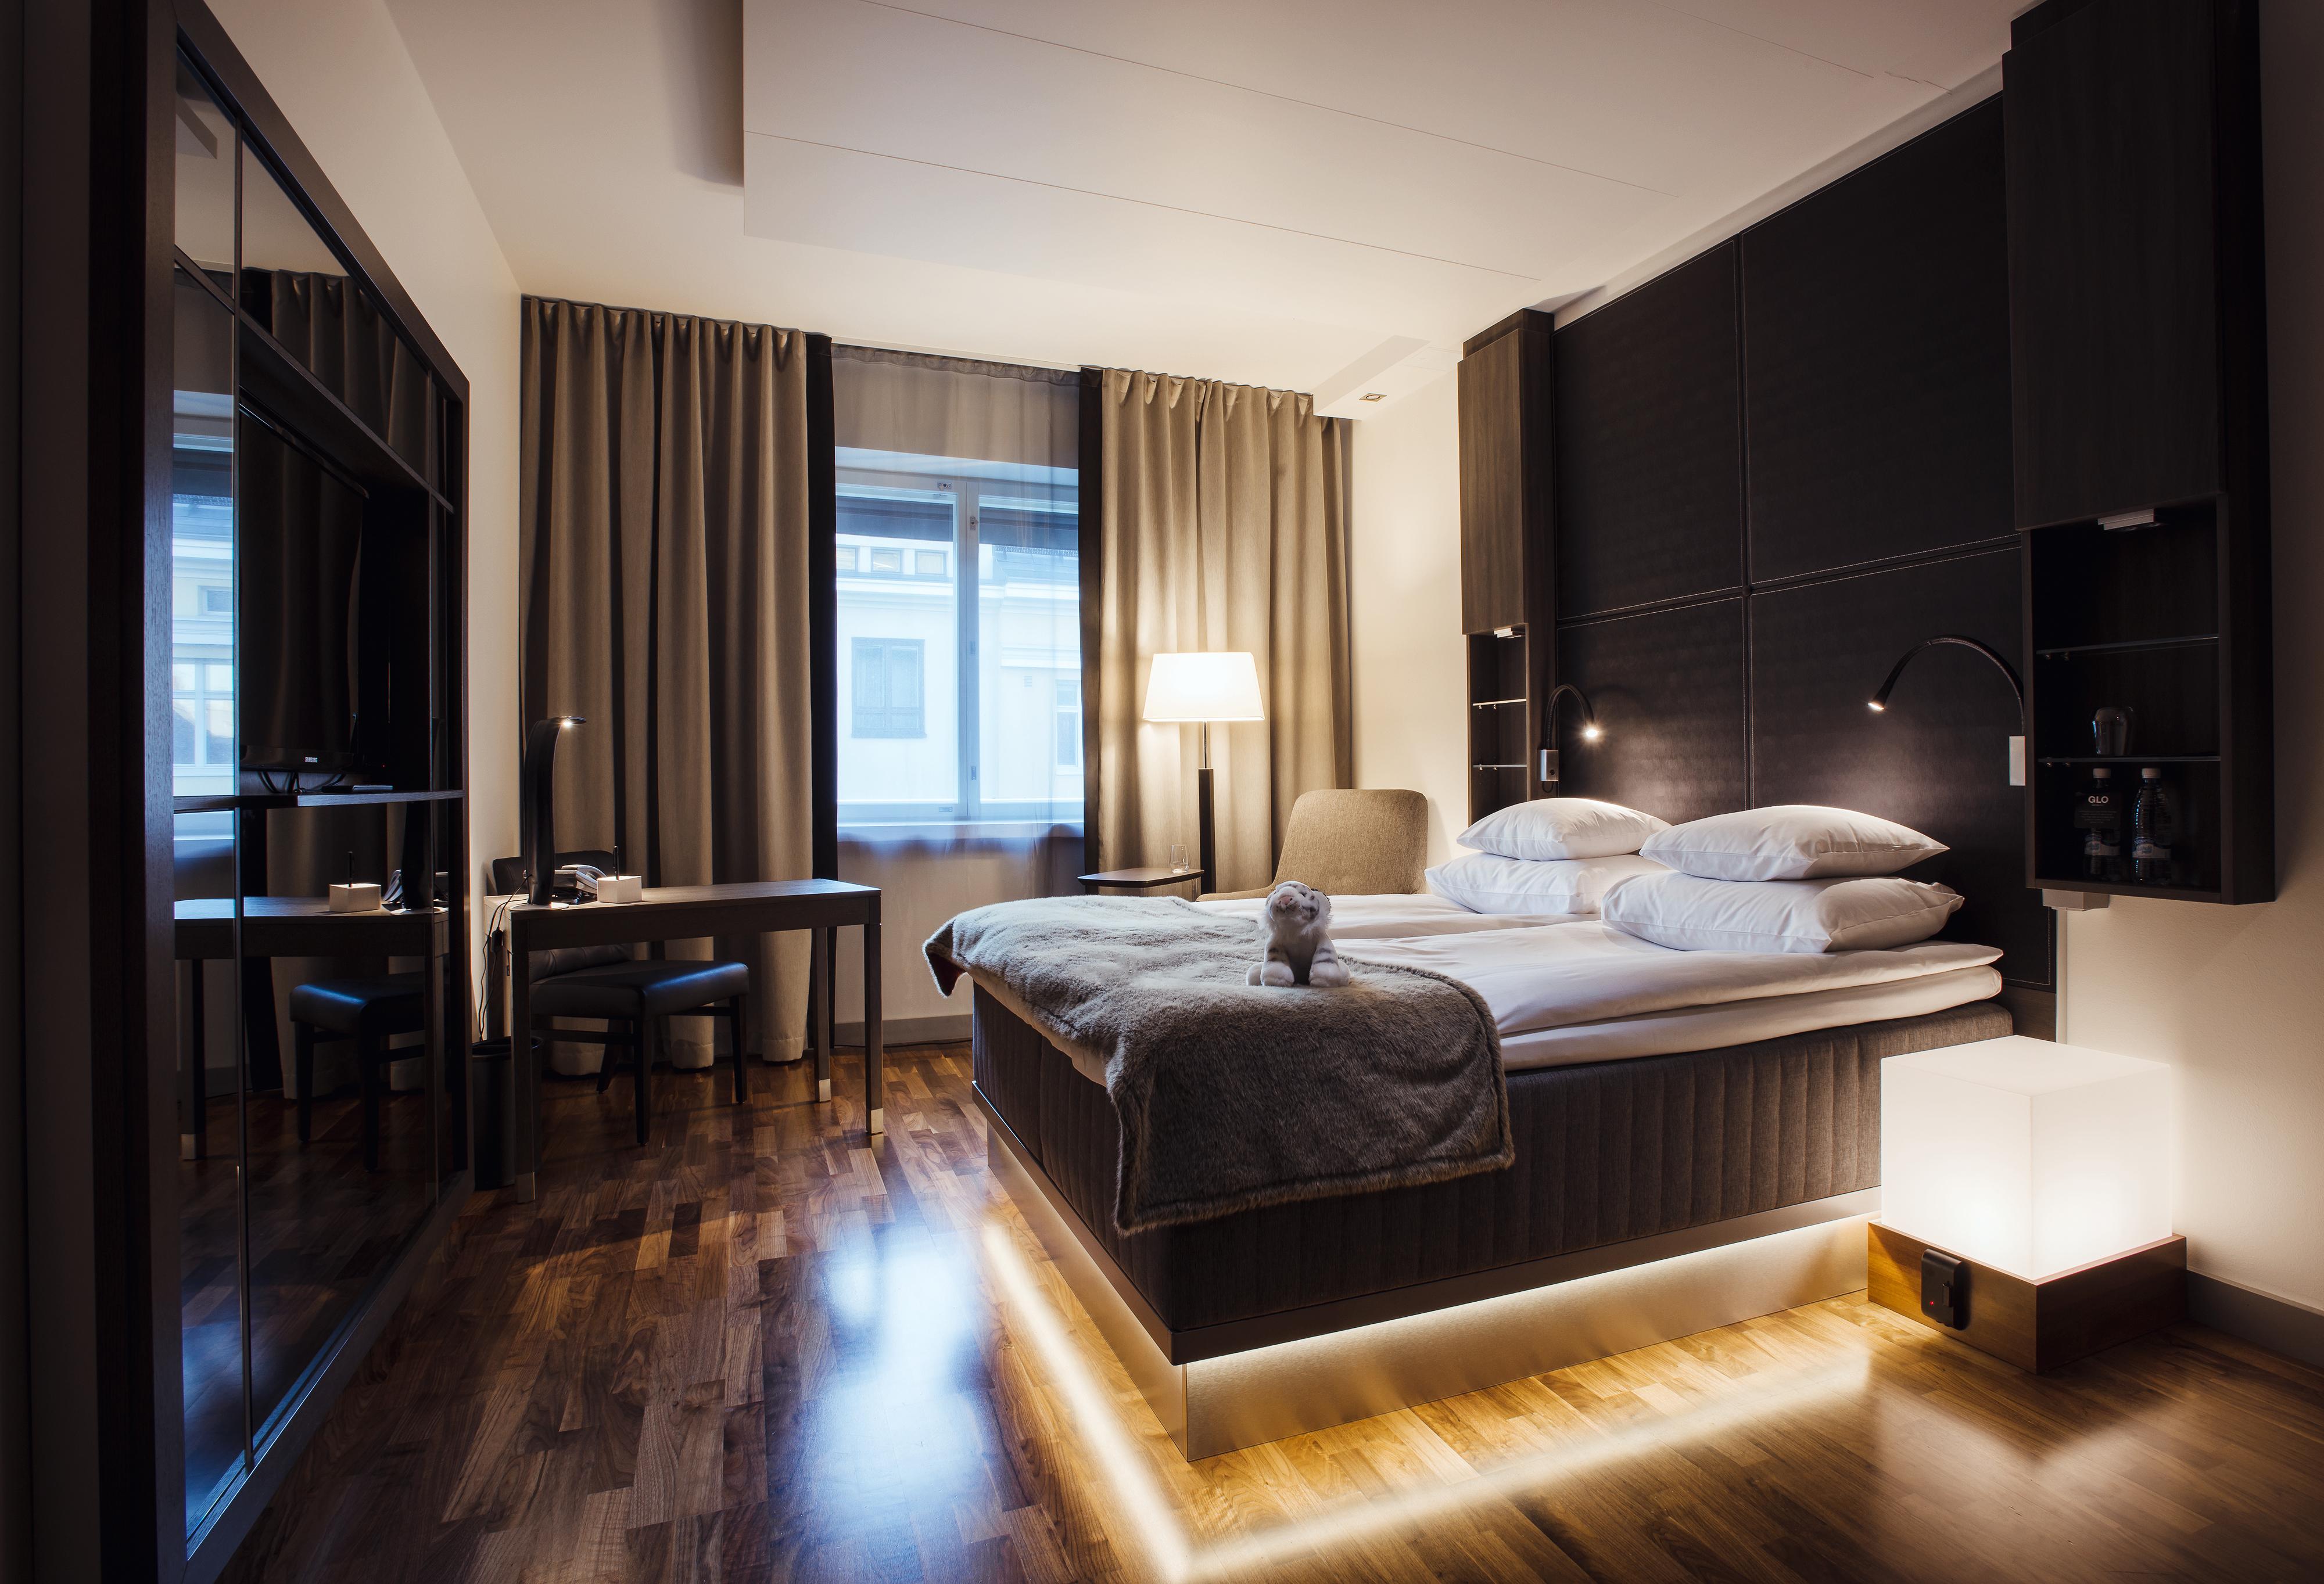 Hotel Luxe Helsinki